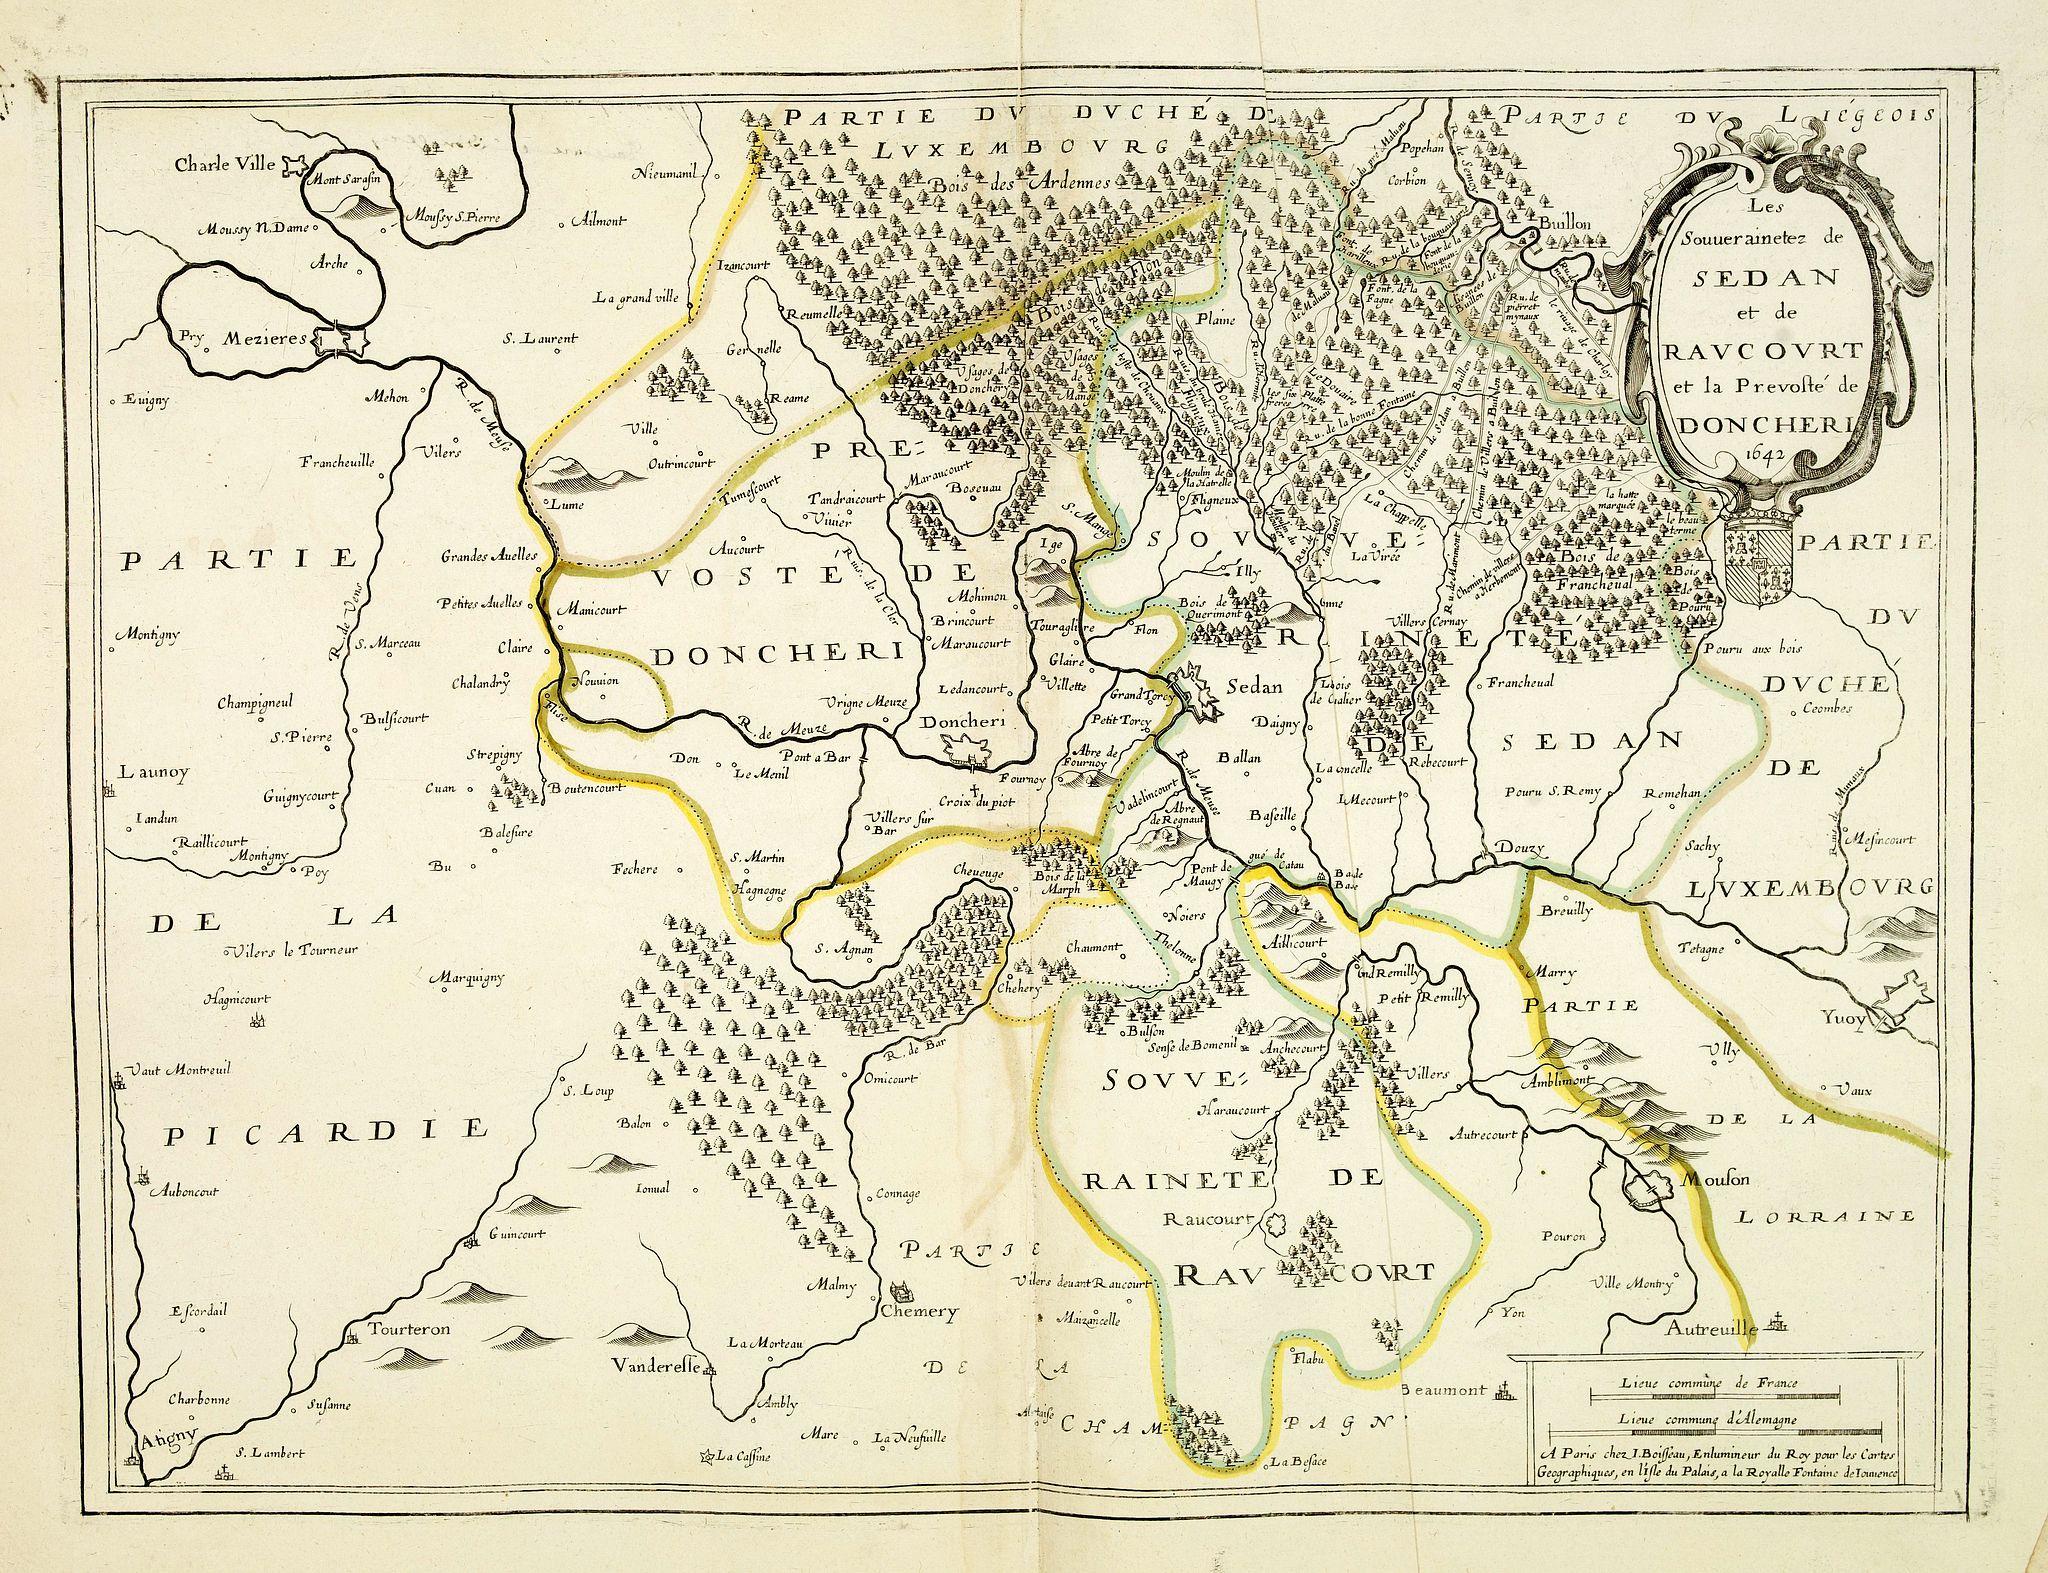 BOISSEAU, I. -  Les Souverainetez de Sedan et de  Raucourt et la Provost� de Doncheri 1642.